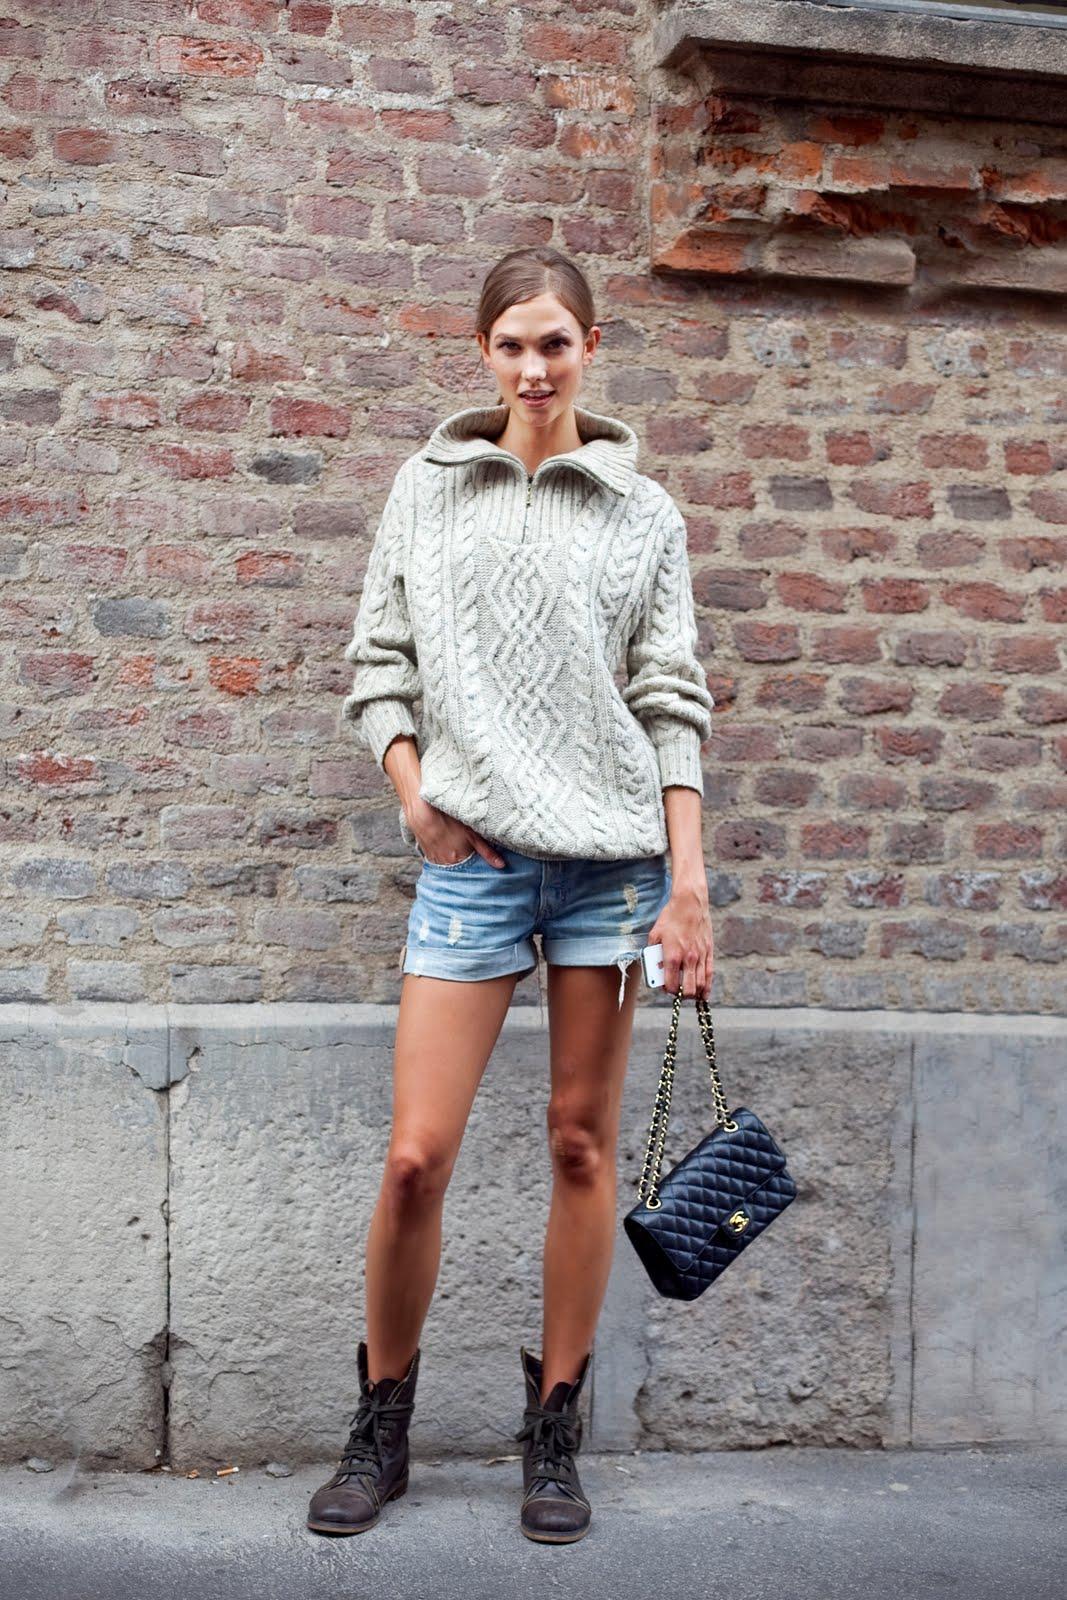 http://4.bp.blogspot.com/-7a79zMhPmC0/TnzBUNcR7eI/AAAAAAAADk0/8WV7XpGWE1w/s1600/Karlie+Kloss.jpg